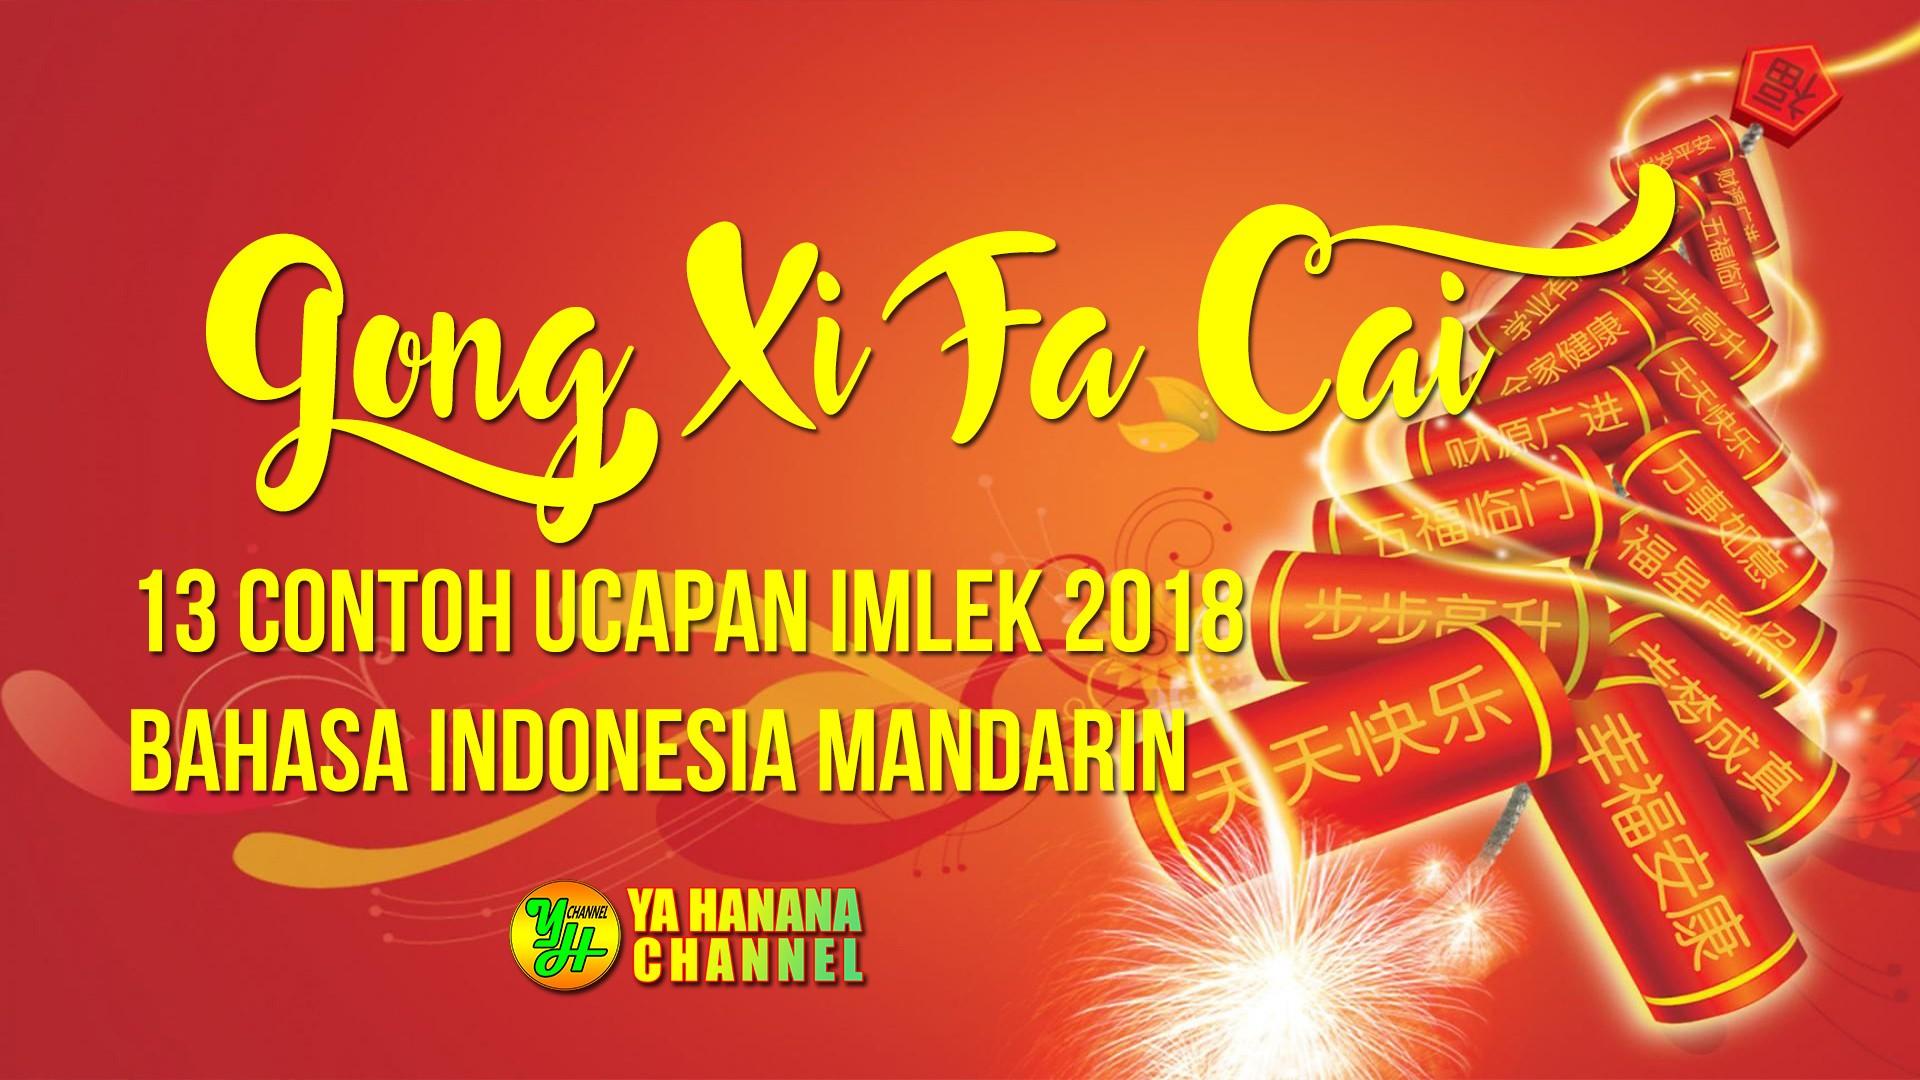 Streaming 13 Contoh Ucapan Imlek 2018 Dalam Bahasa Indonesia Dan Mandarin Gong Xi Fa Cai Vidio